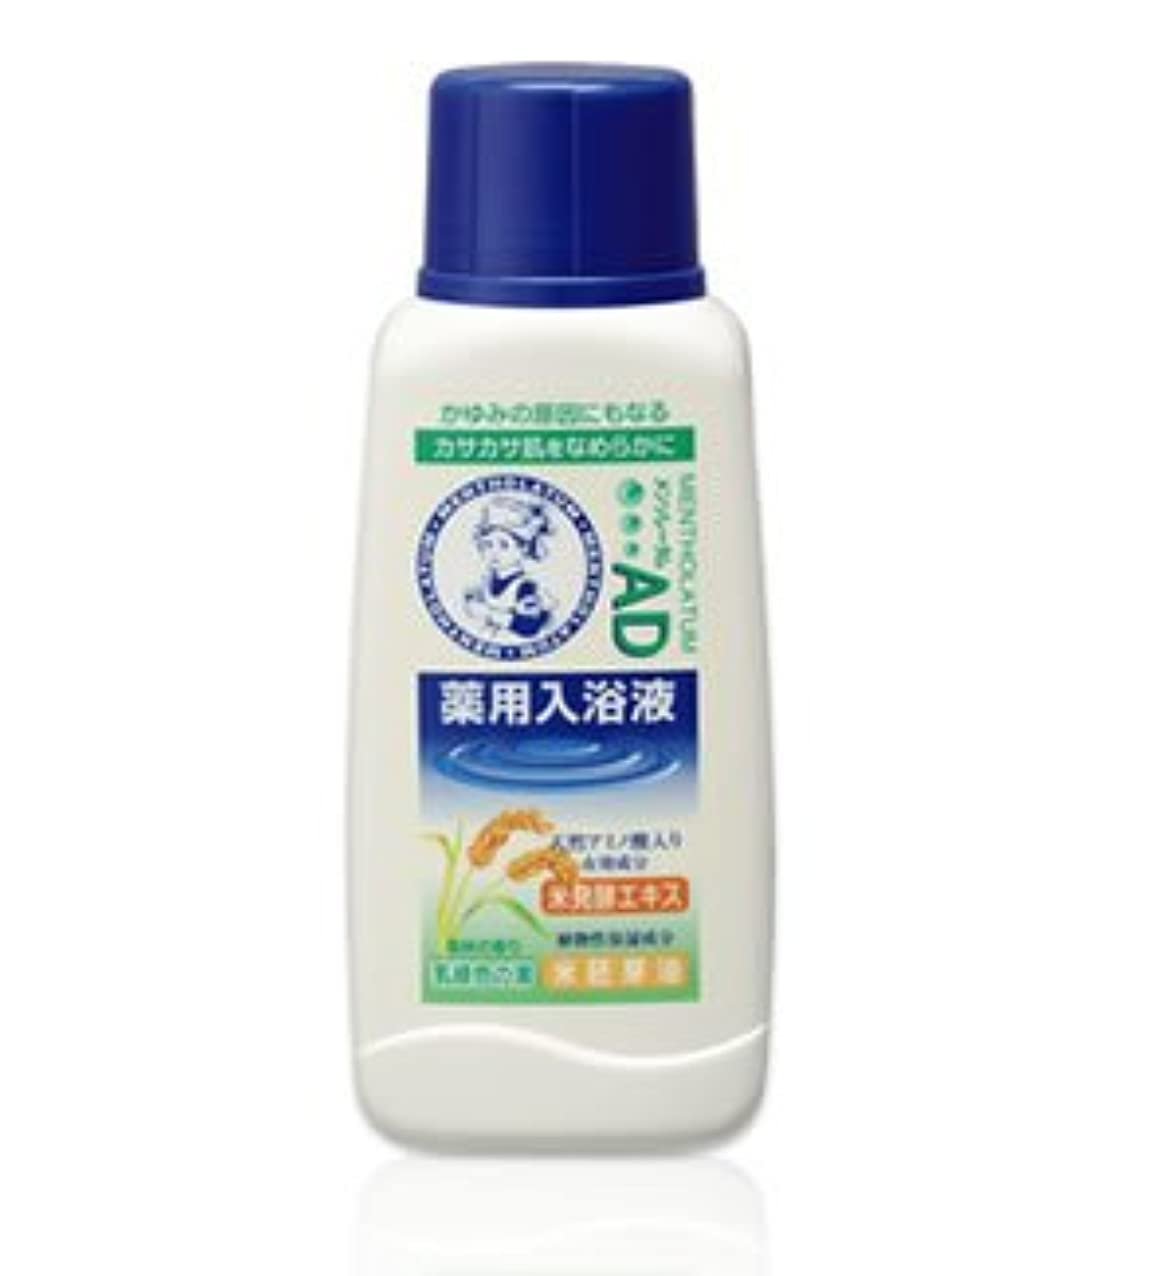 散らすスイス人スロー(ロート)メンソレータム AD薬用入浴剤 森林の香り720ml(医薬部外品)